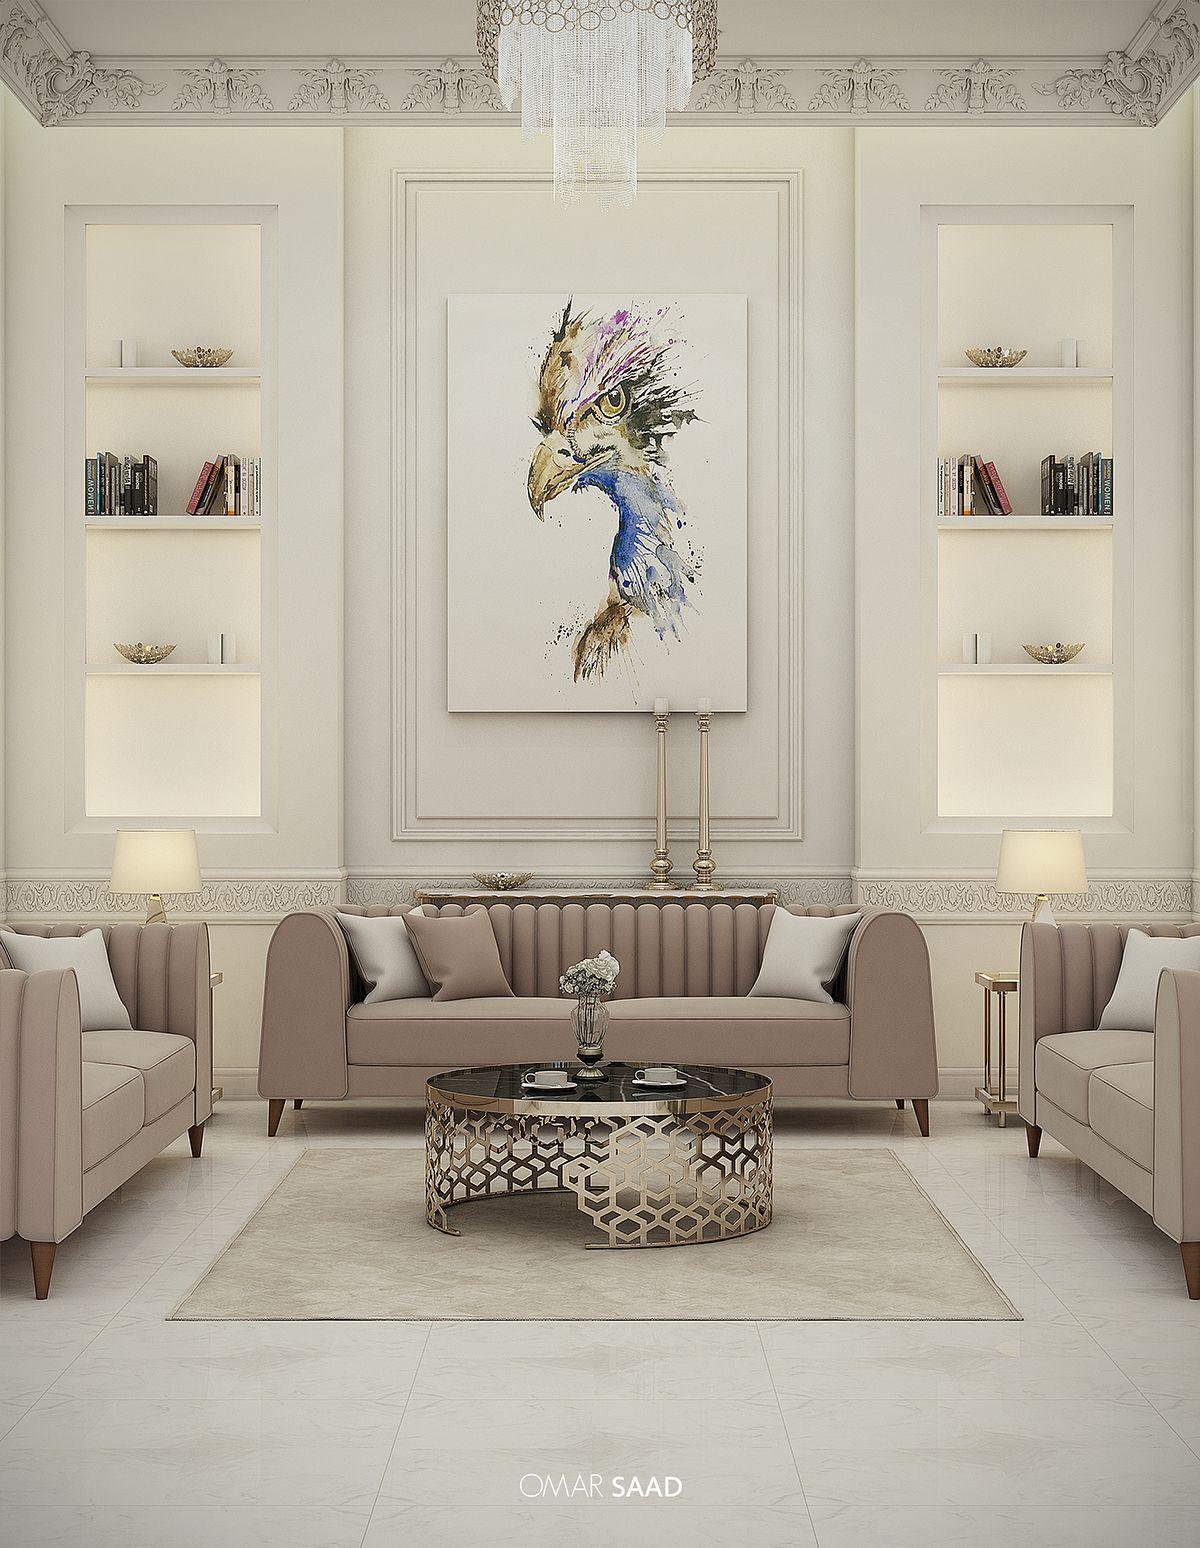 Bedroom Door Decorations Classical: LUXURY CLASSIC VILLA - INTERIOR DESIGN - On Behance